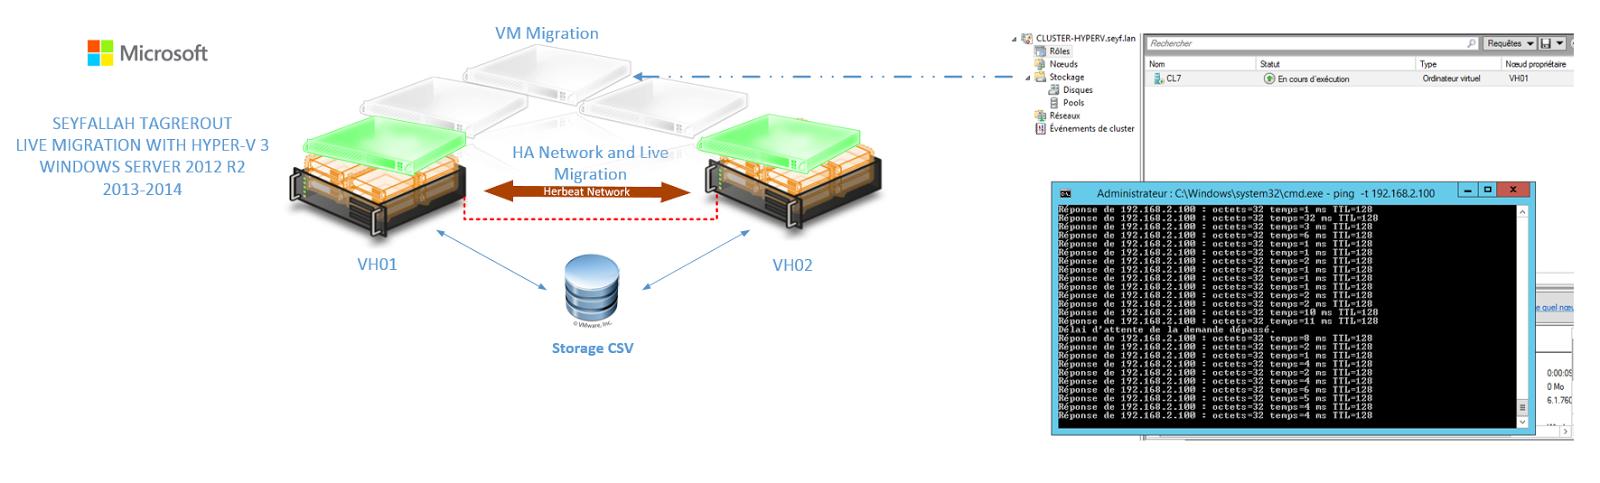 seyfallah virtualization live migration avec hyper v 3 0. Black Bedroom Furniture Sets. Home Design Ideas